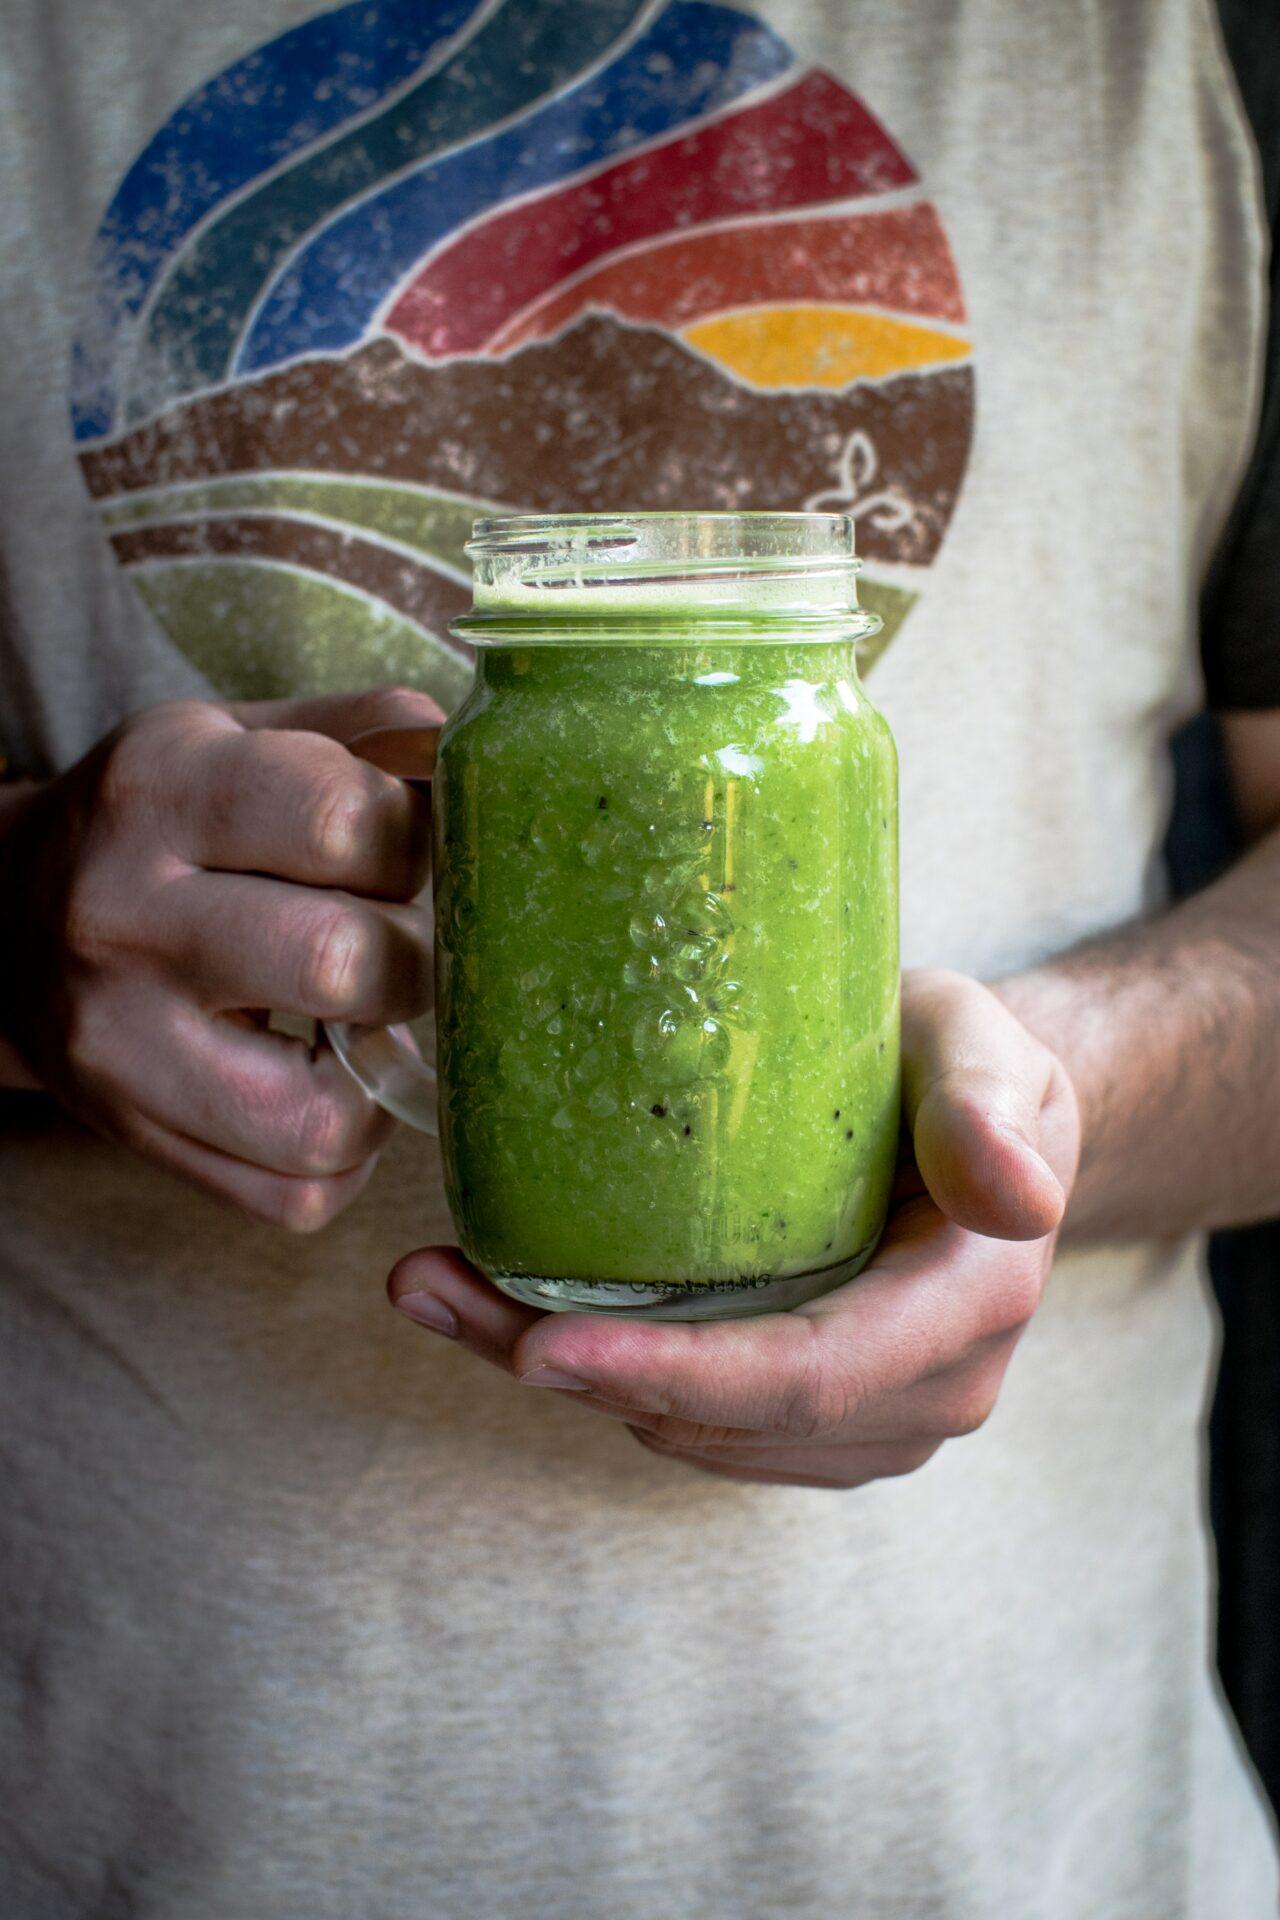 Make green smoothies during quarantine